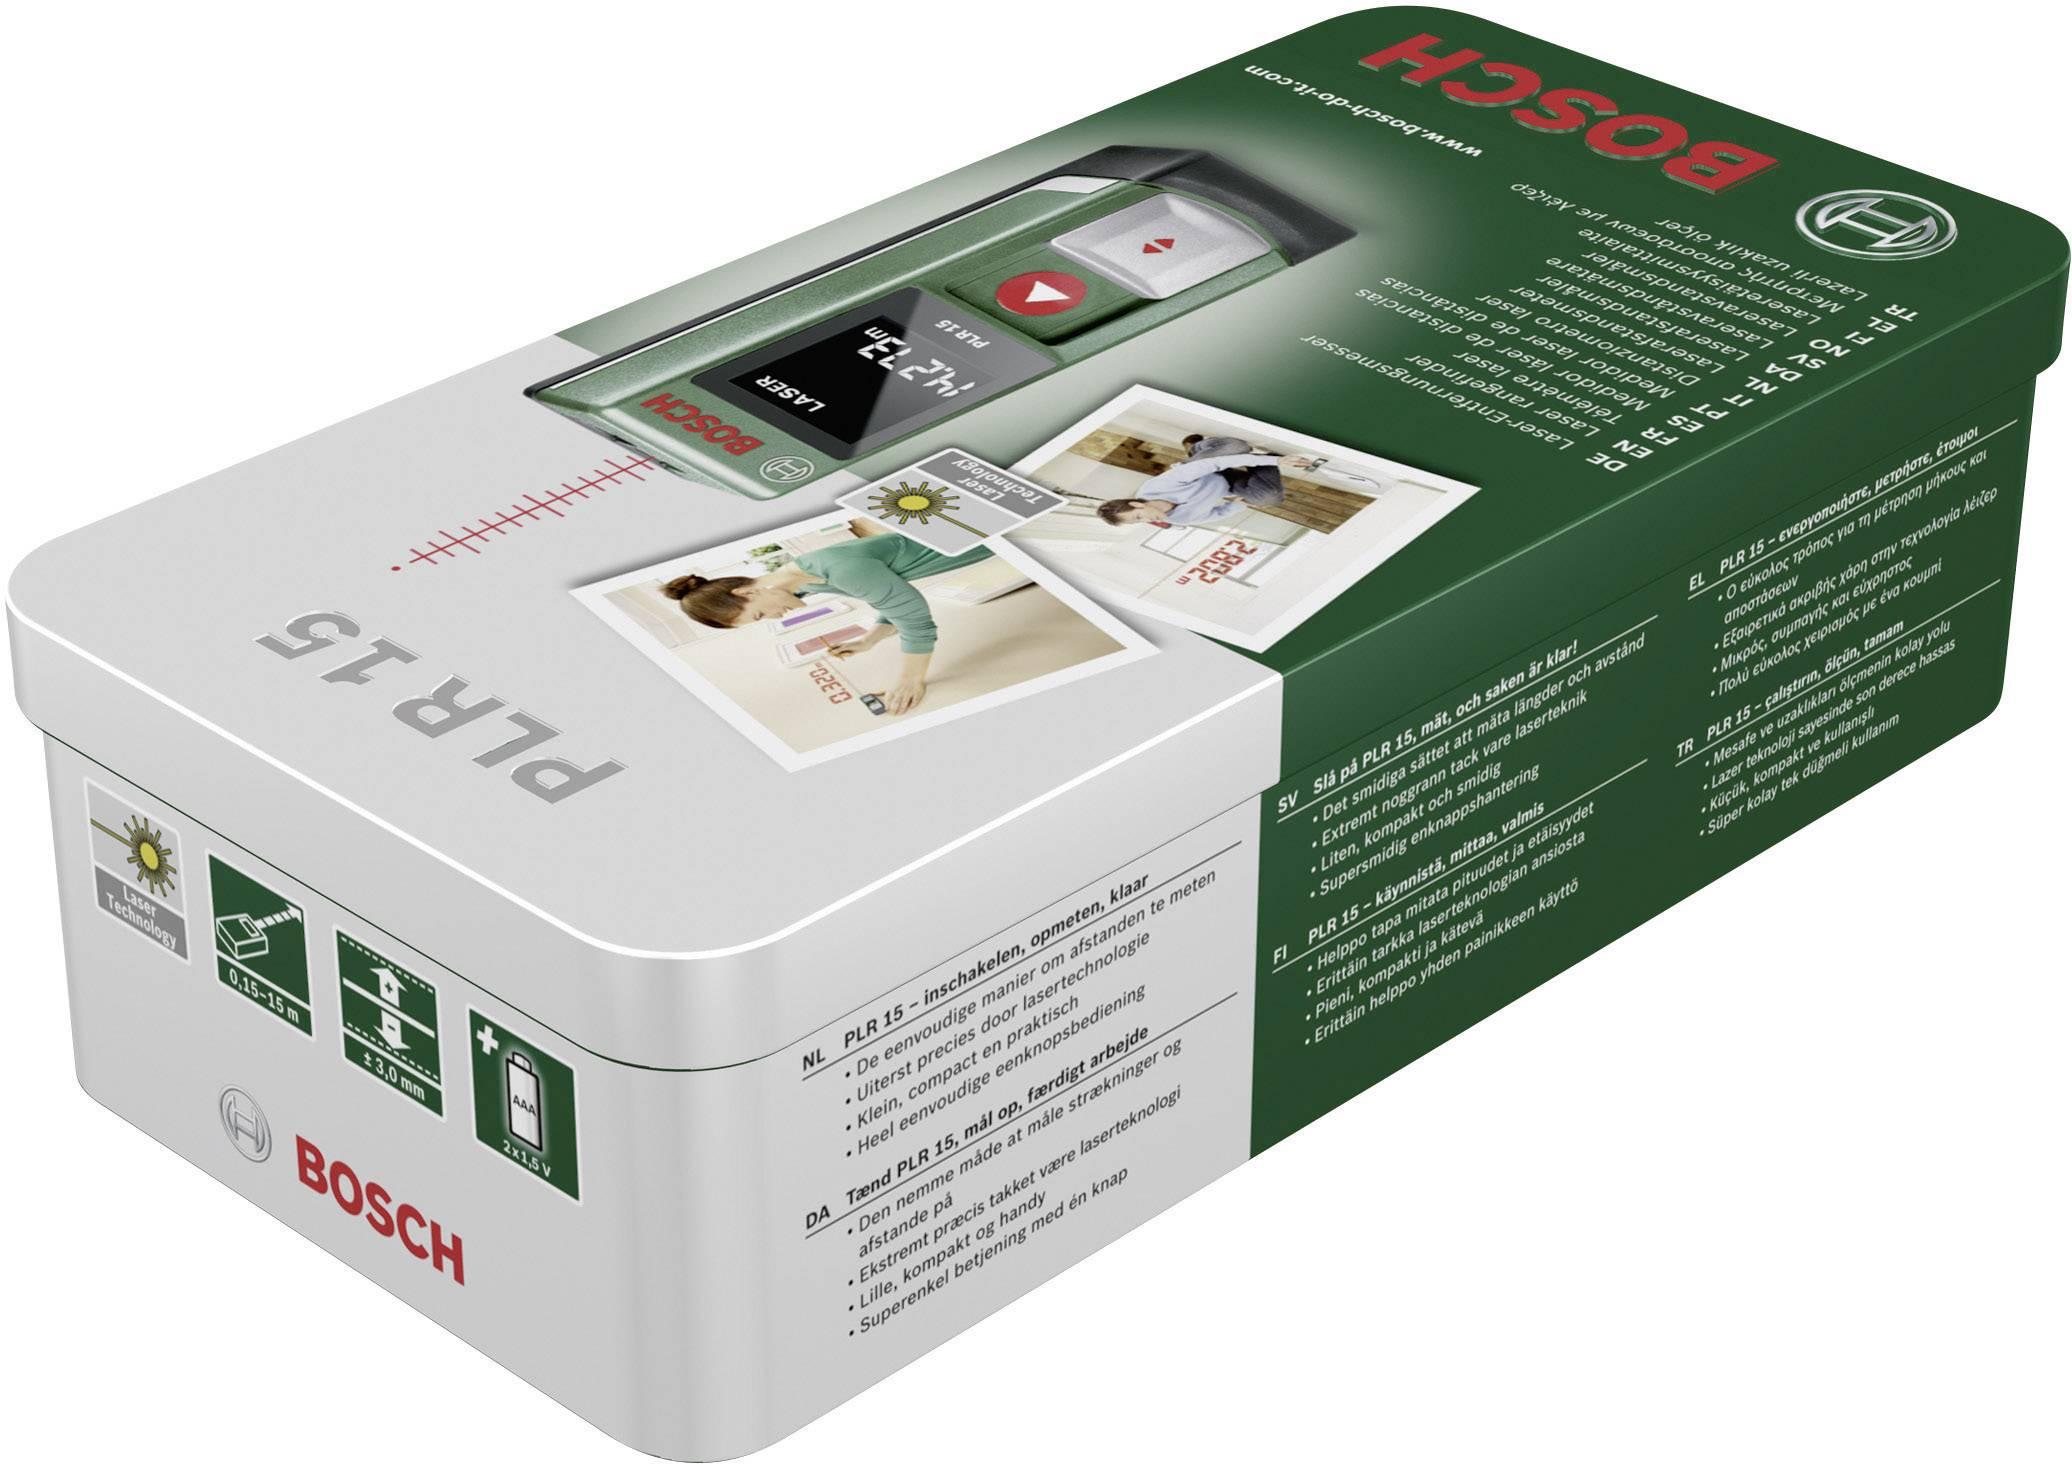 Bosch Laser Entfernungsmesser : Bosch home and garden plr laser entfernungsmesser messbereich